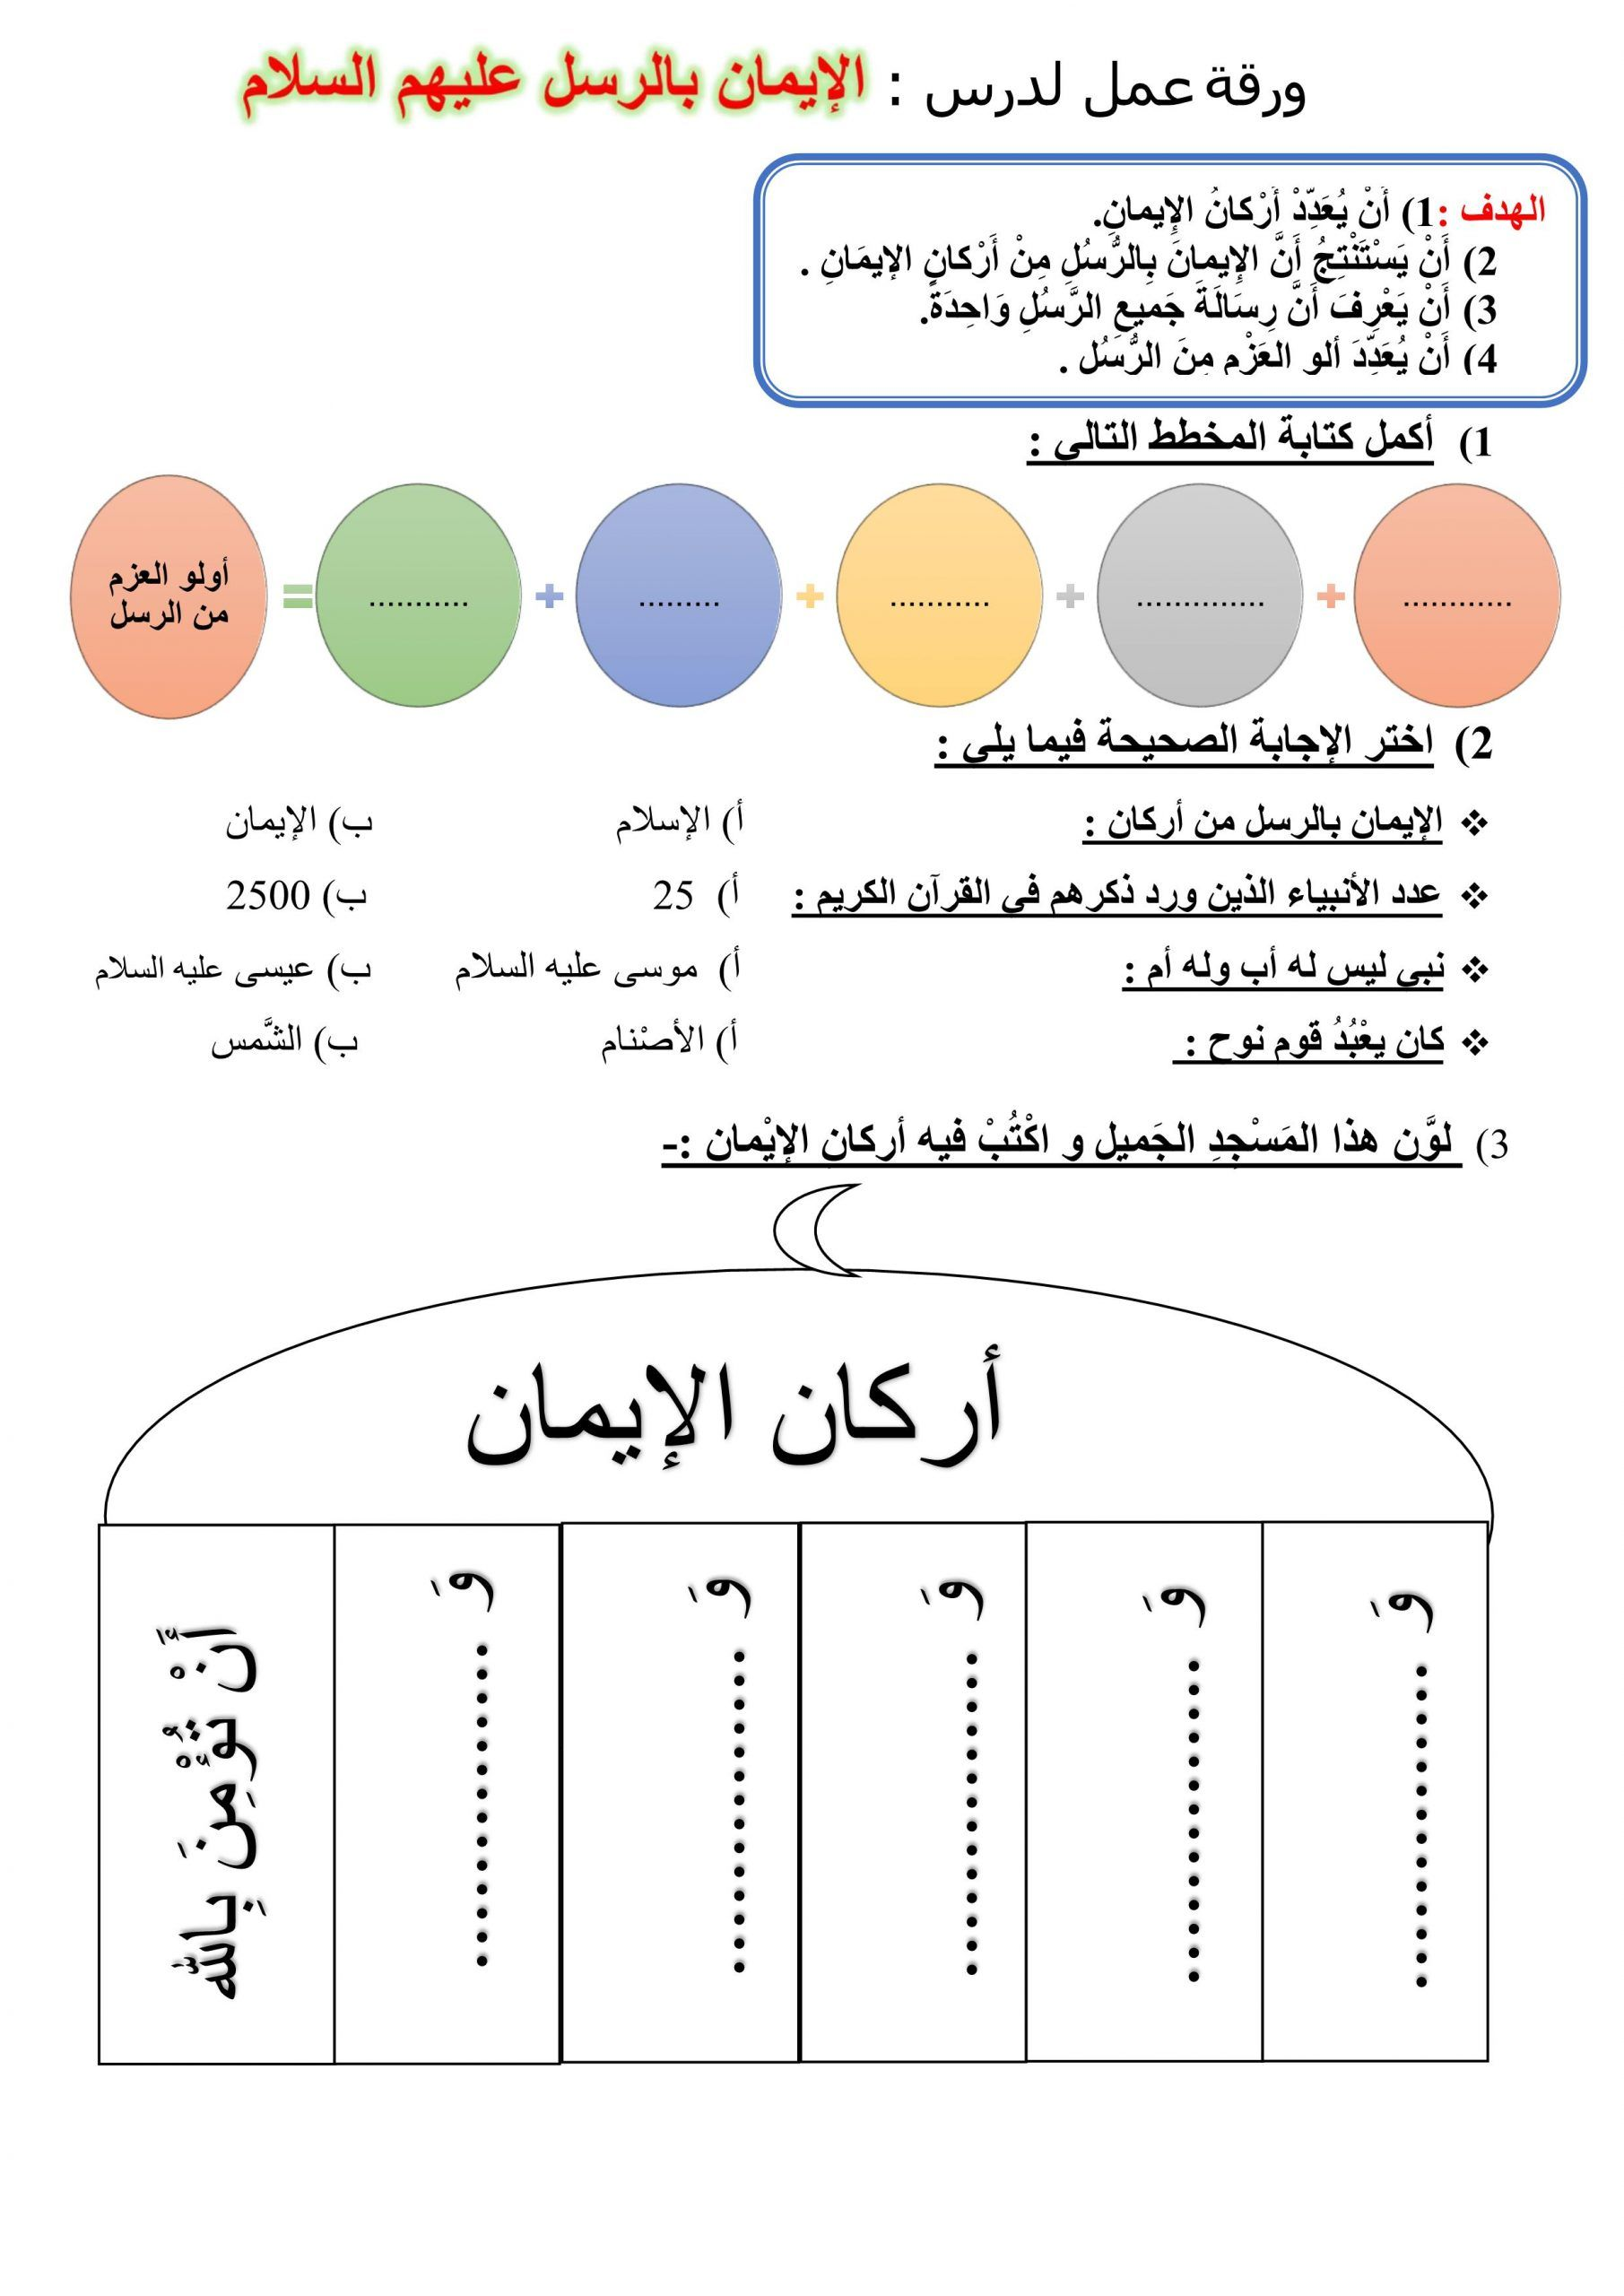 ورقة عمل درس الايمان بالرسل عليهم السلام للصف الثاني مادة التربية الاسلامية Word Search Puzzle Words Map